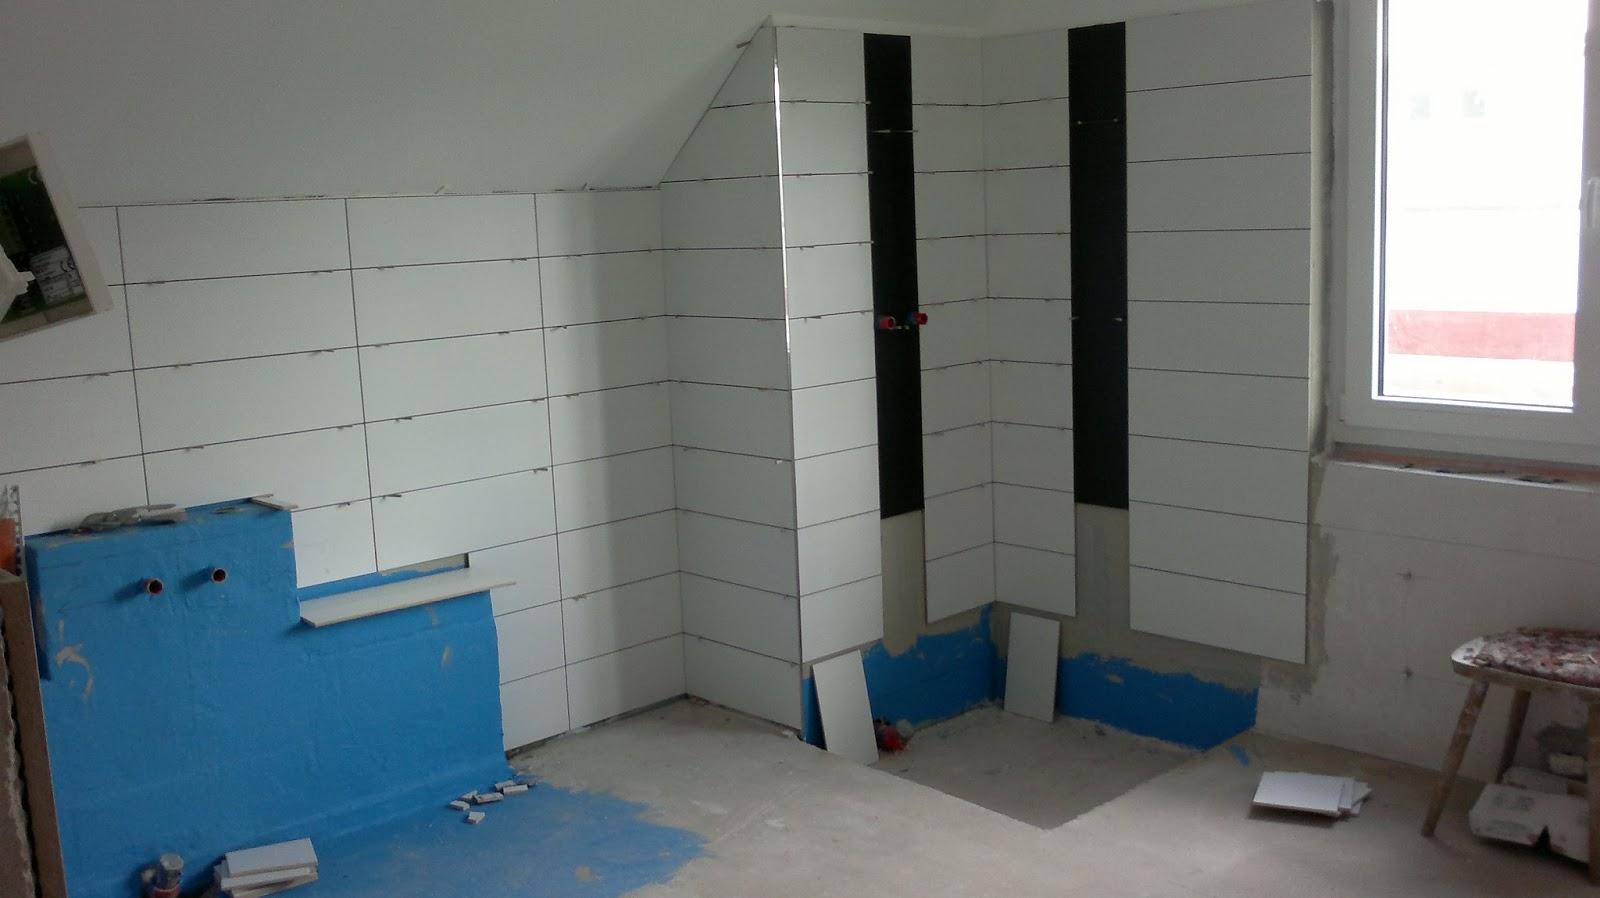 bautagebuch eines einfamilienhauses in dortmund hohenbuschei mit heinz von heiden hvh mai 2013. Black Bedroom Furniture Sets. Home Design Ideas